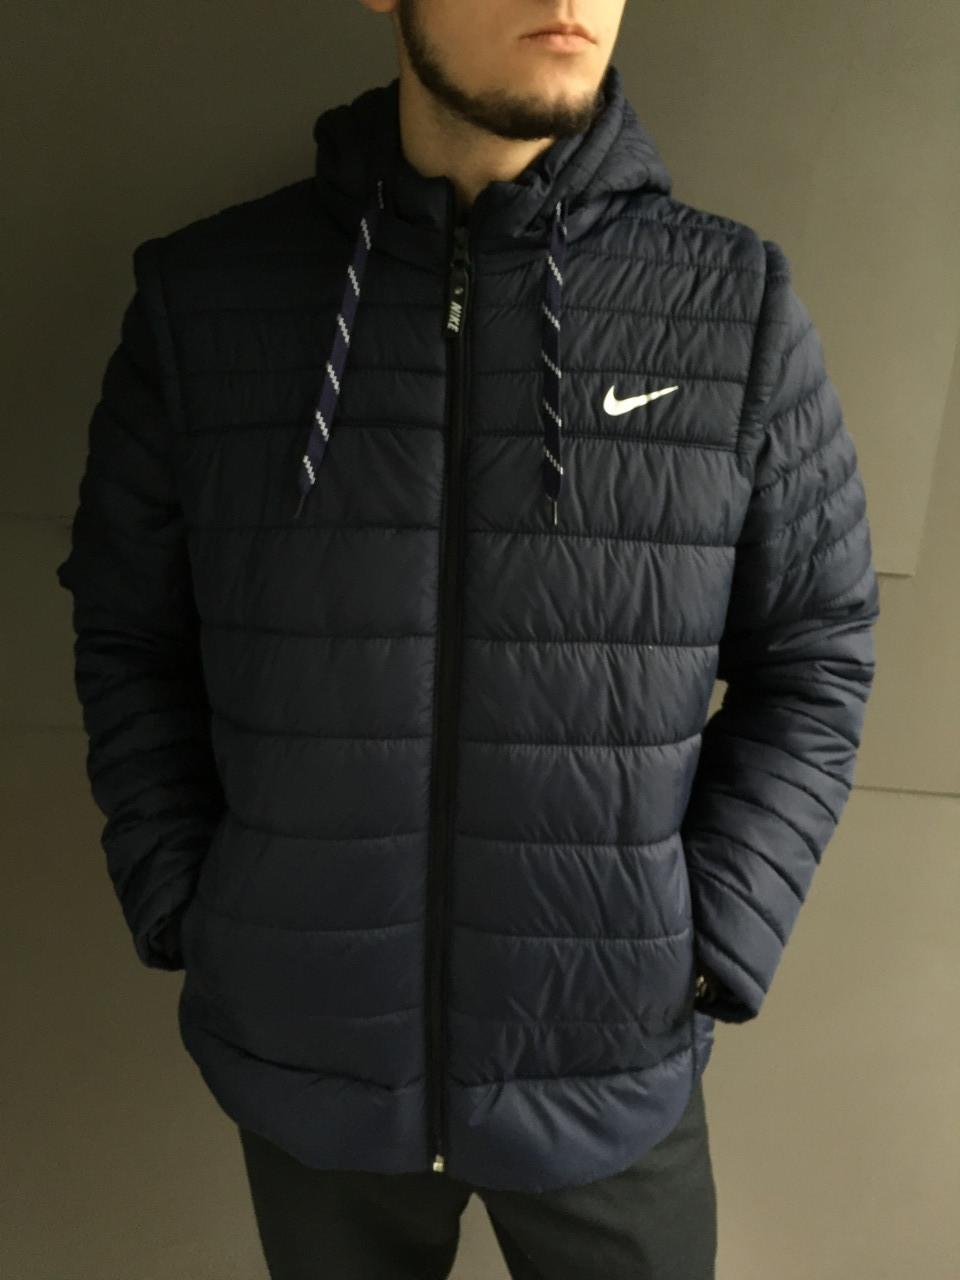 Мужская куртка Nike с отстегивающимися рукавами (трансформер)